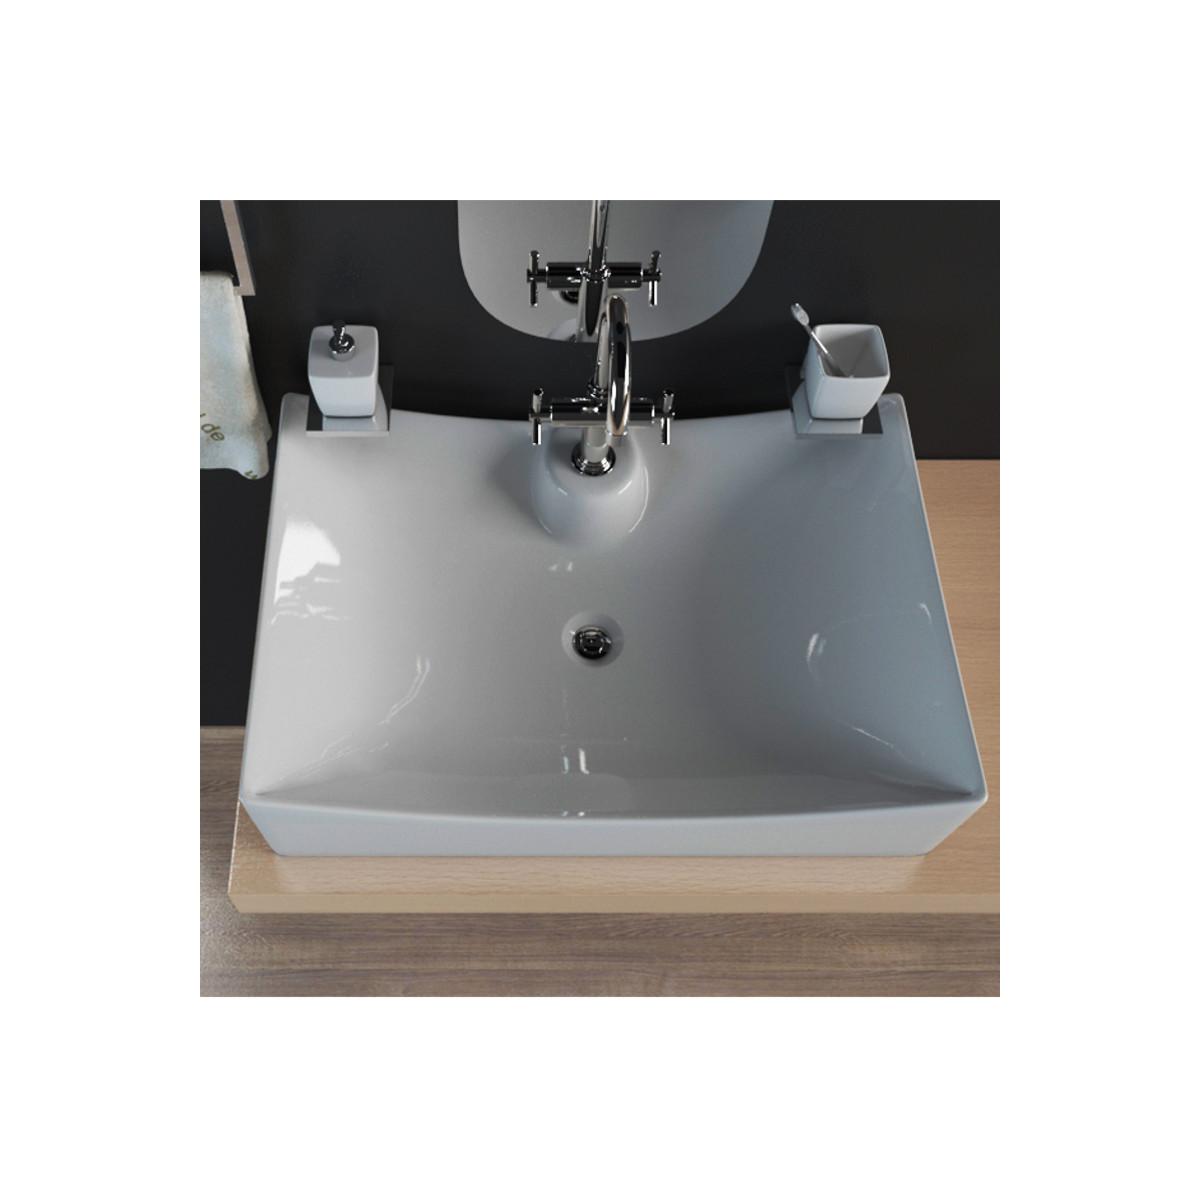 waschbecken kbw038 69 90. Black Bedroom Furniture Sets. Home Design Ideas